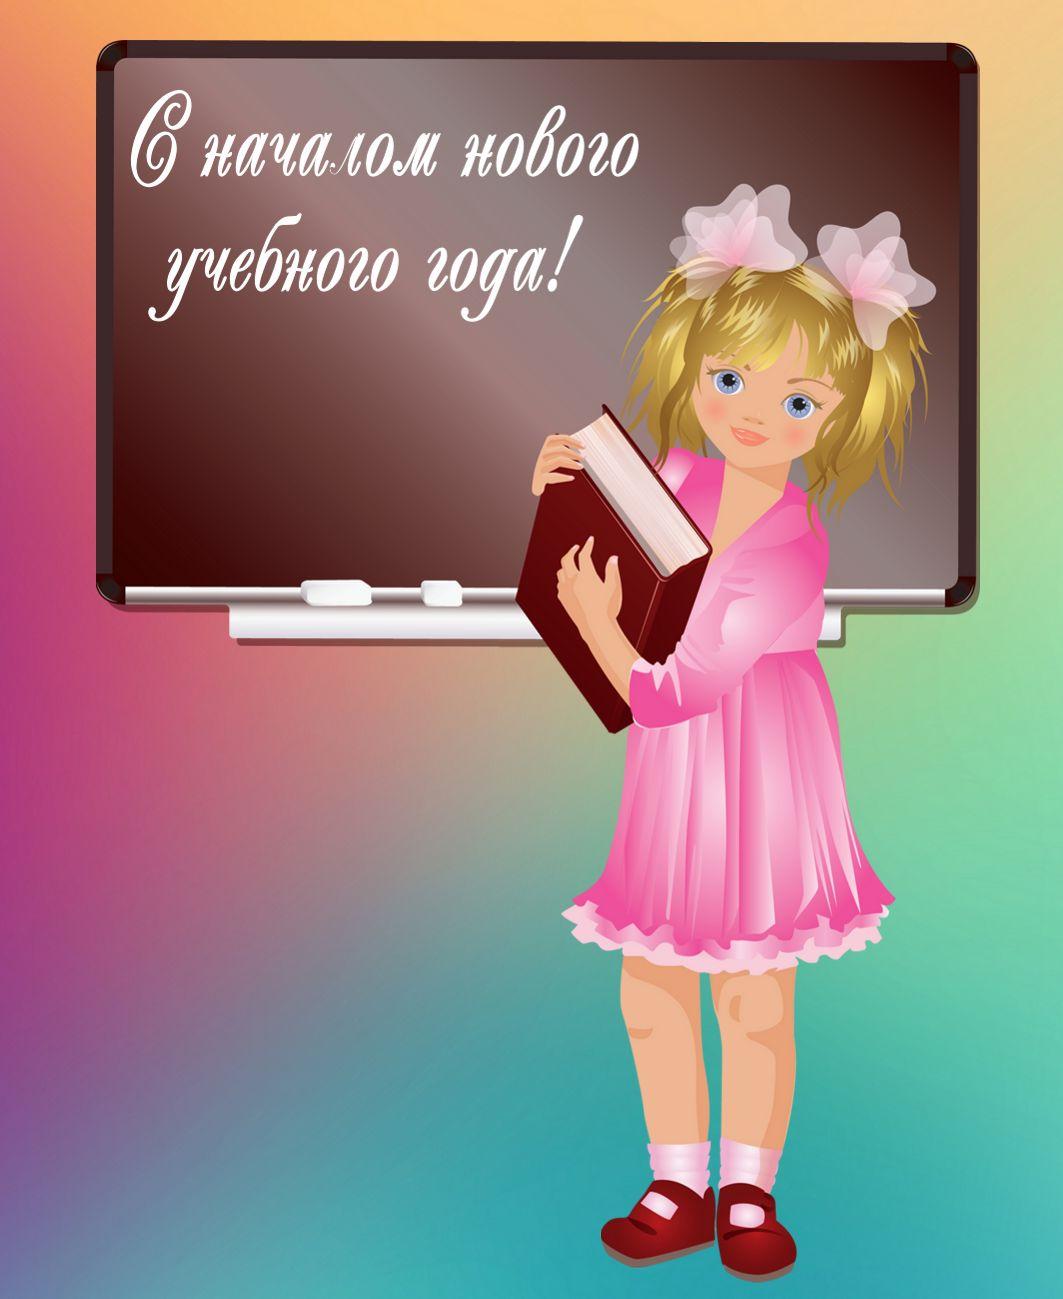 1 сентября. С началом нового учебного года! Девочка в розовом платье с книгой на фоне учебной доски.